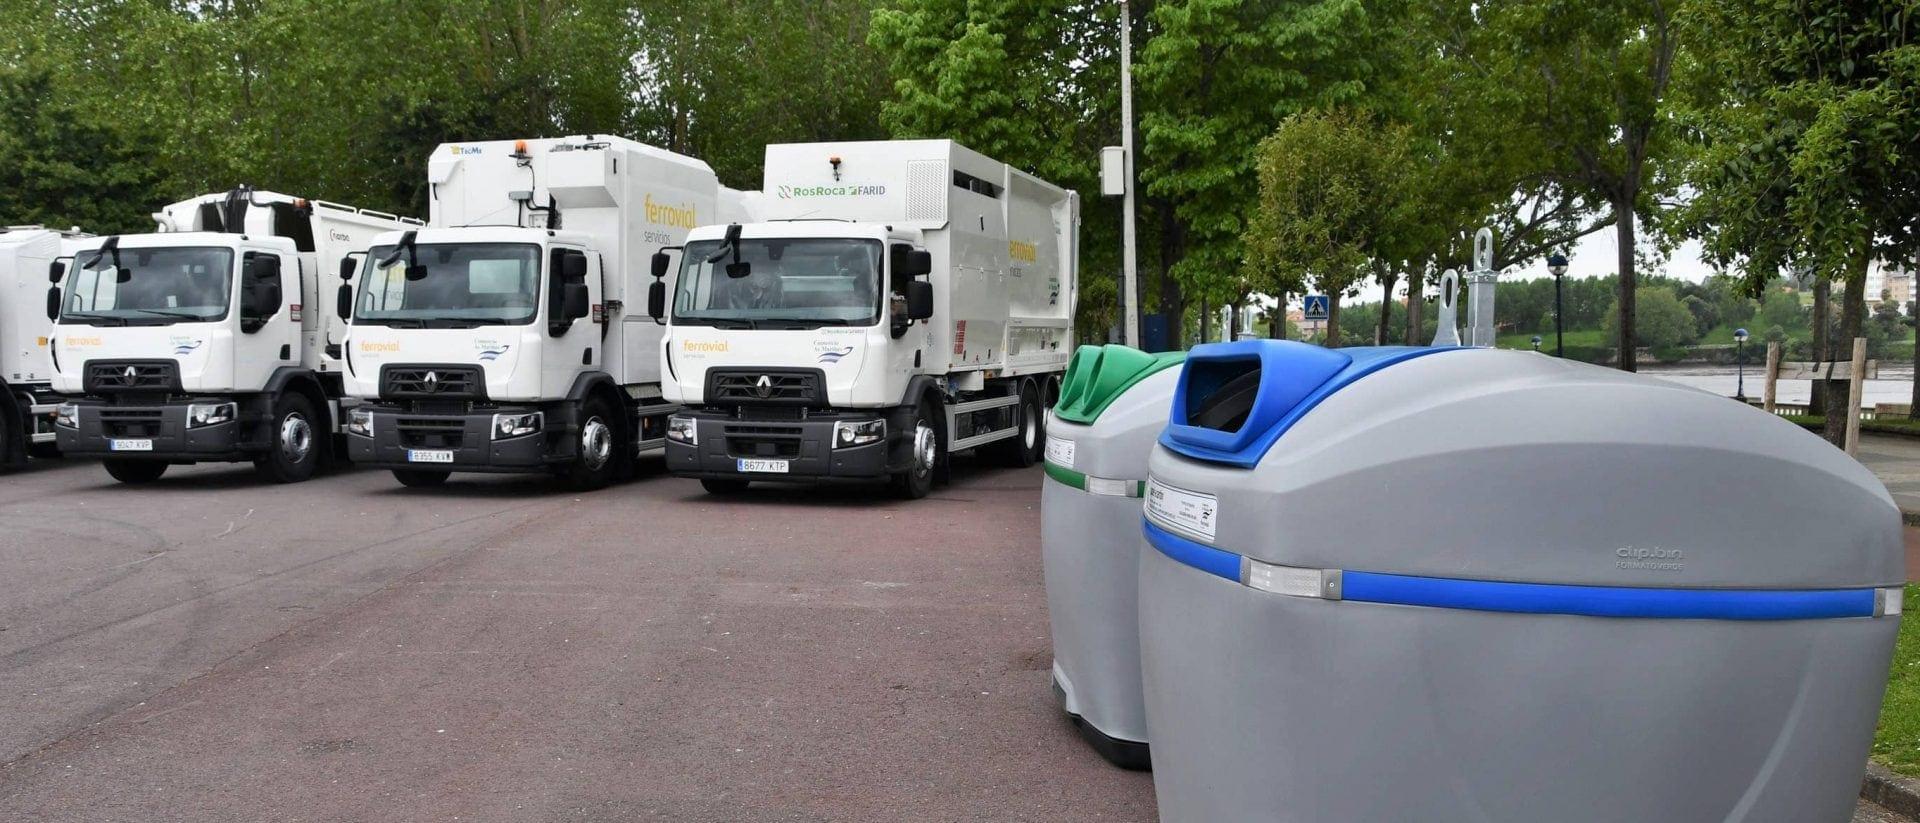 Ferrovial Servicios incorpora diez nuevos vehículos para mejorar la recogida de residuos en los ocho municipios del Consorcio de As Mariñas